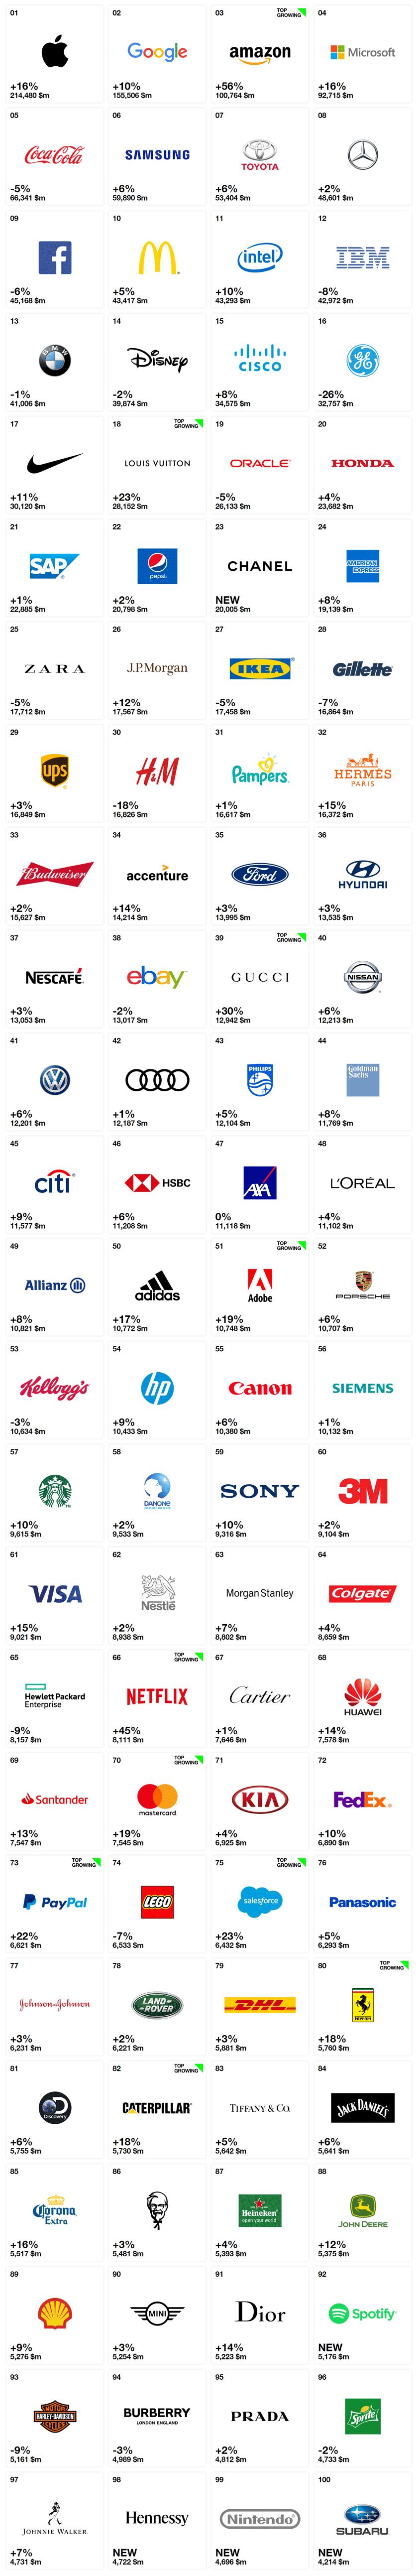 Interbrand发布2018年最佳全球品牌报告,苹果蝉联冠军